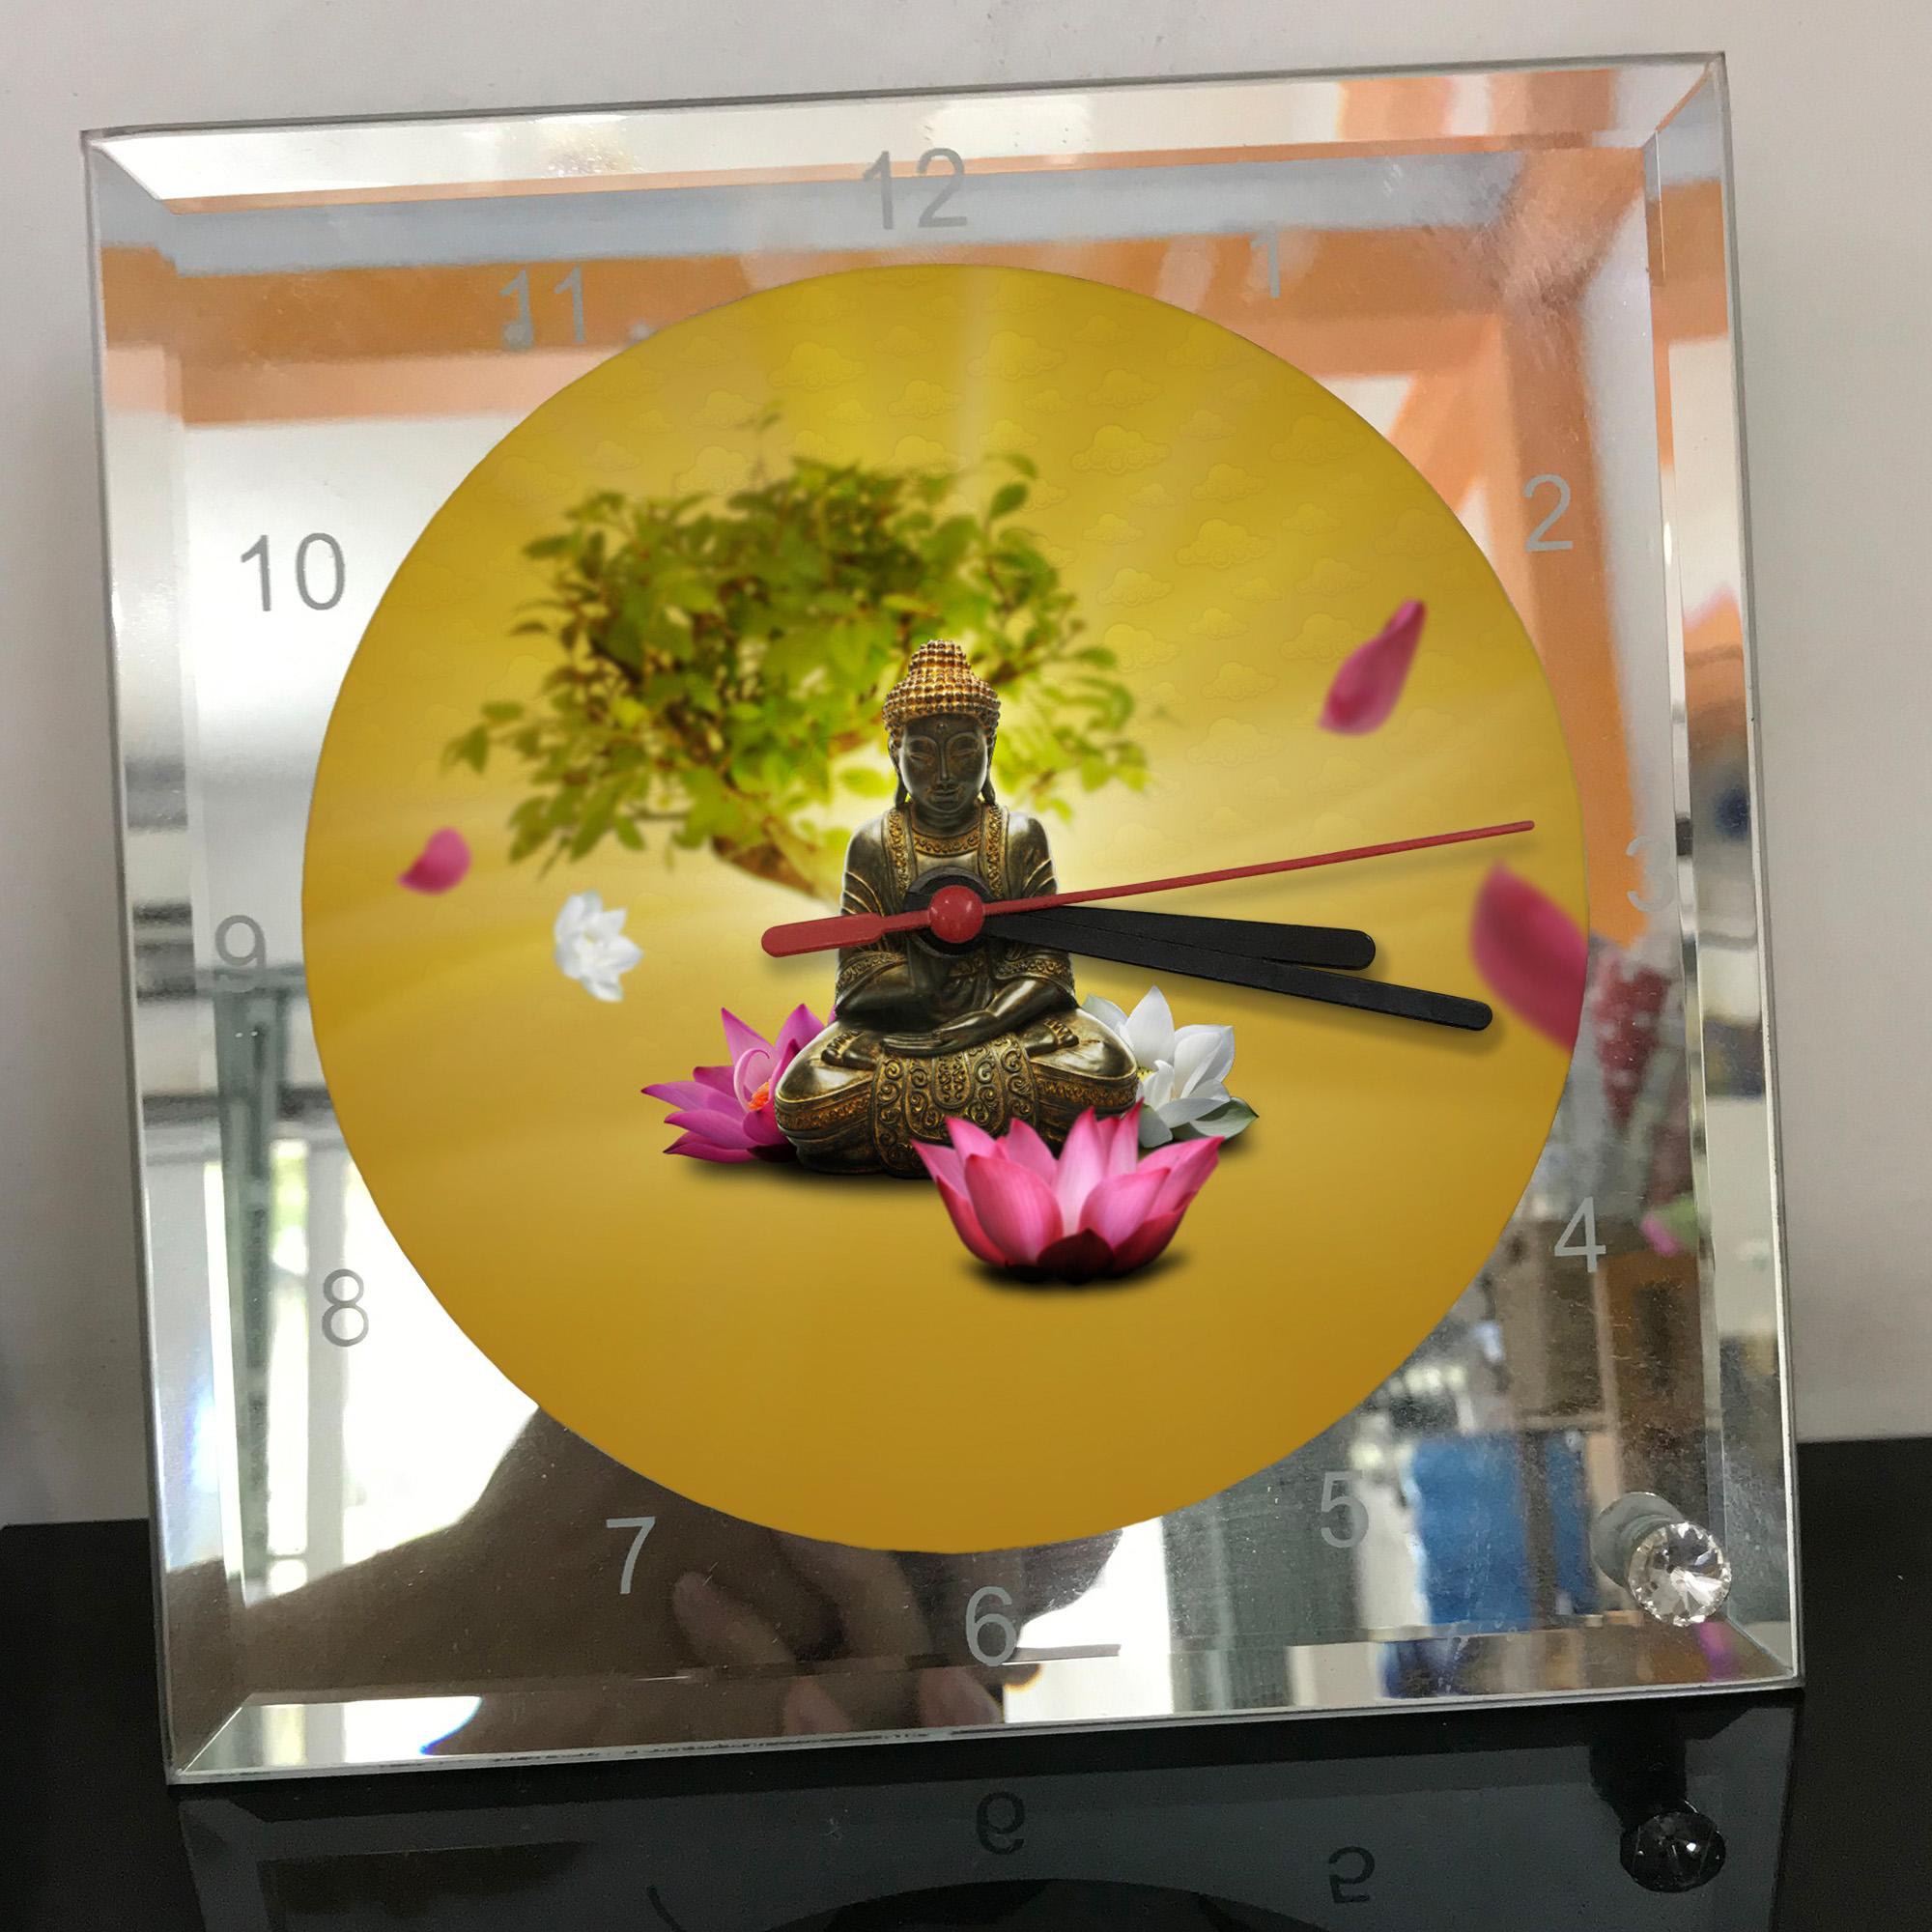 Đồng hồ thủy tinh vuông 20x20 in hình Buddhism - đạo phật (22) . Đồng hồ thủy tinh để bàn trang trí đẹp chủ đề tôn giáo